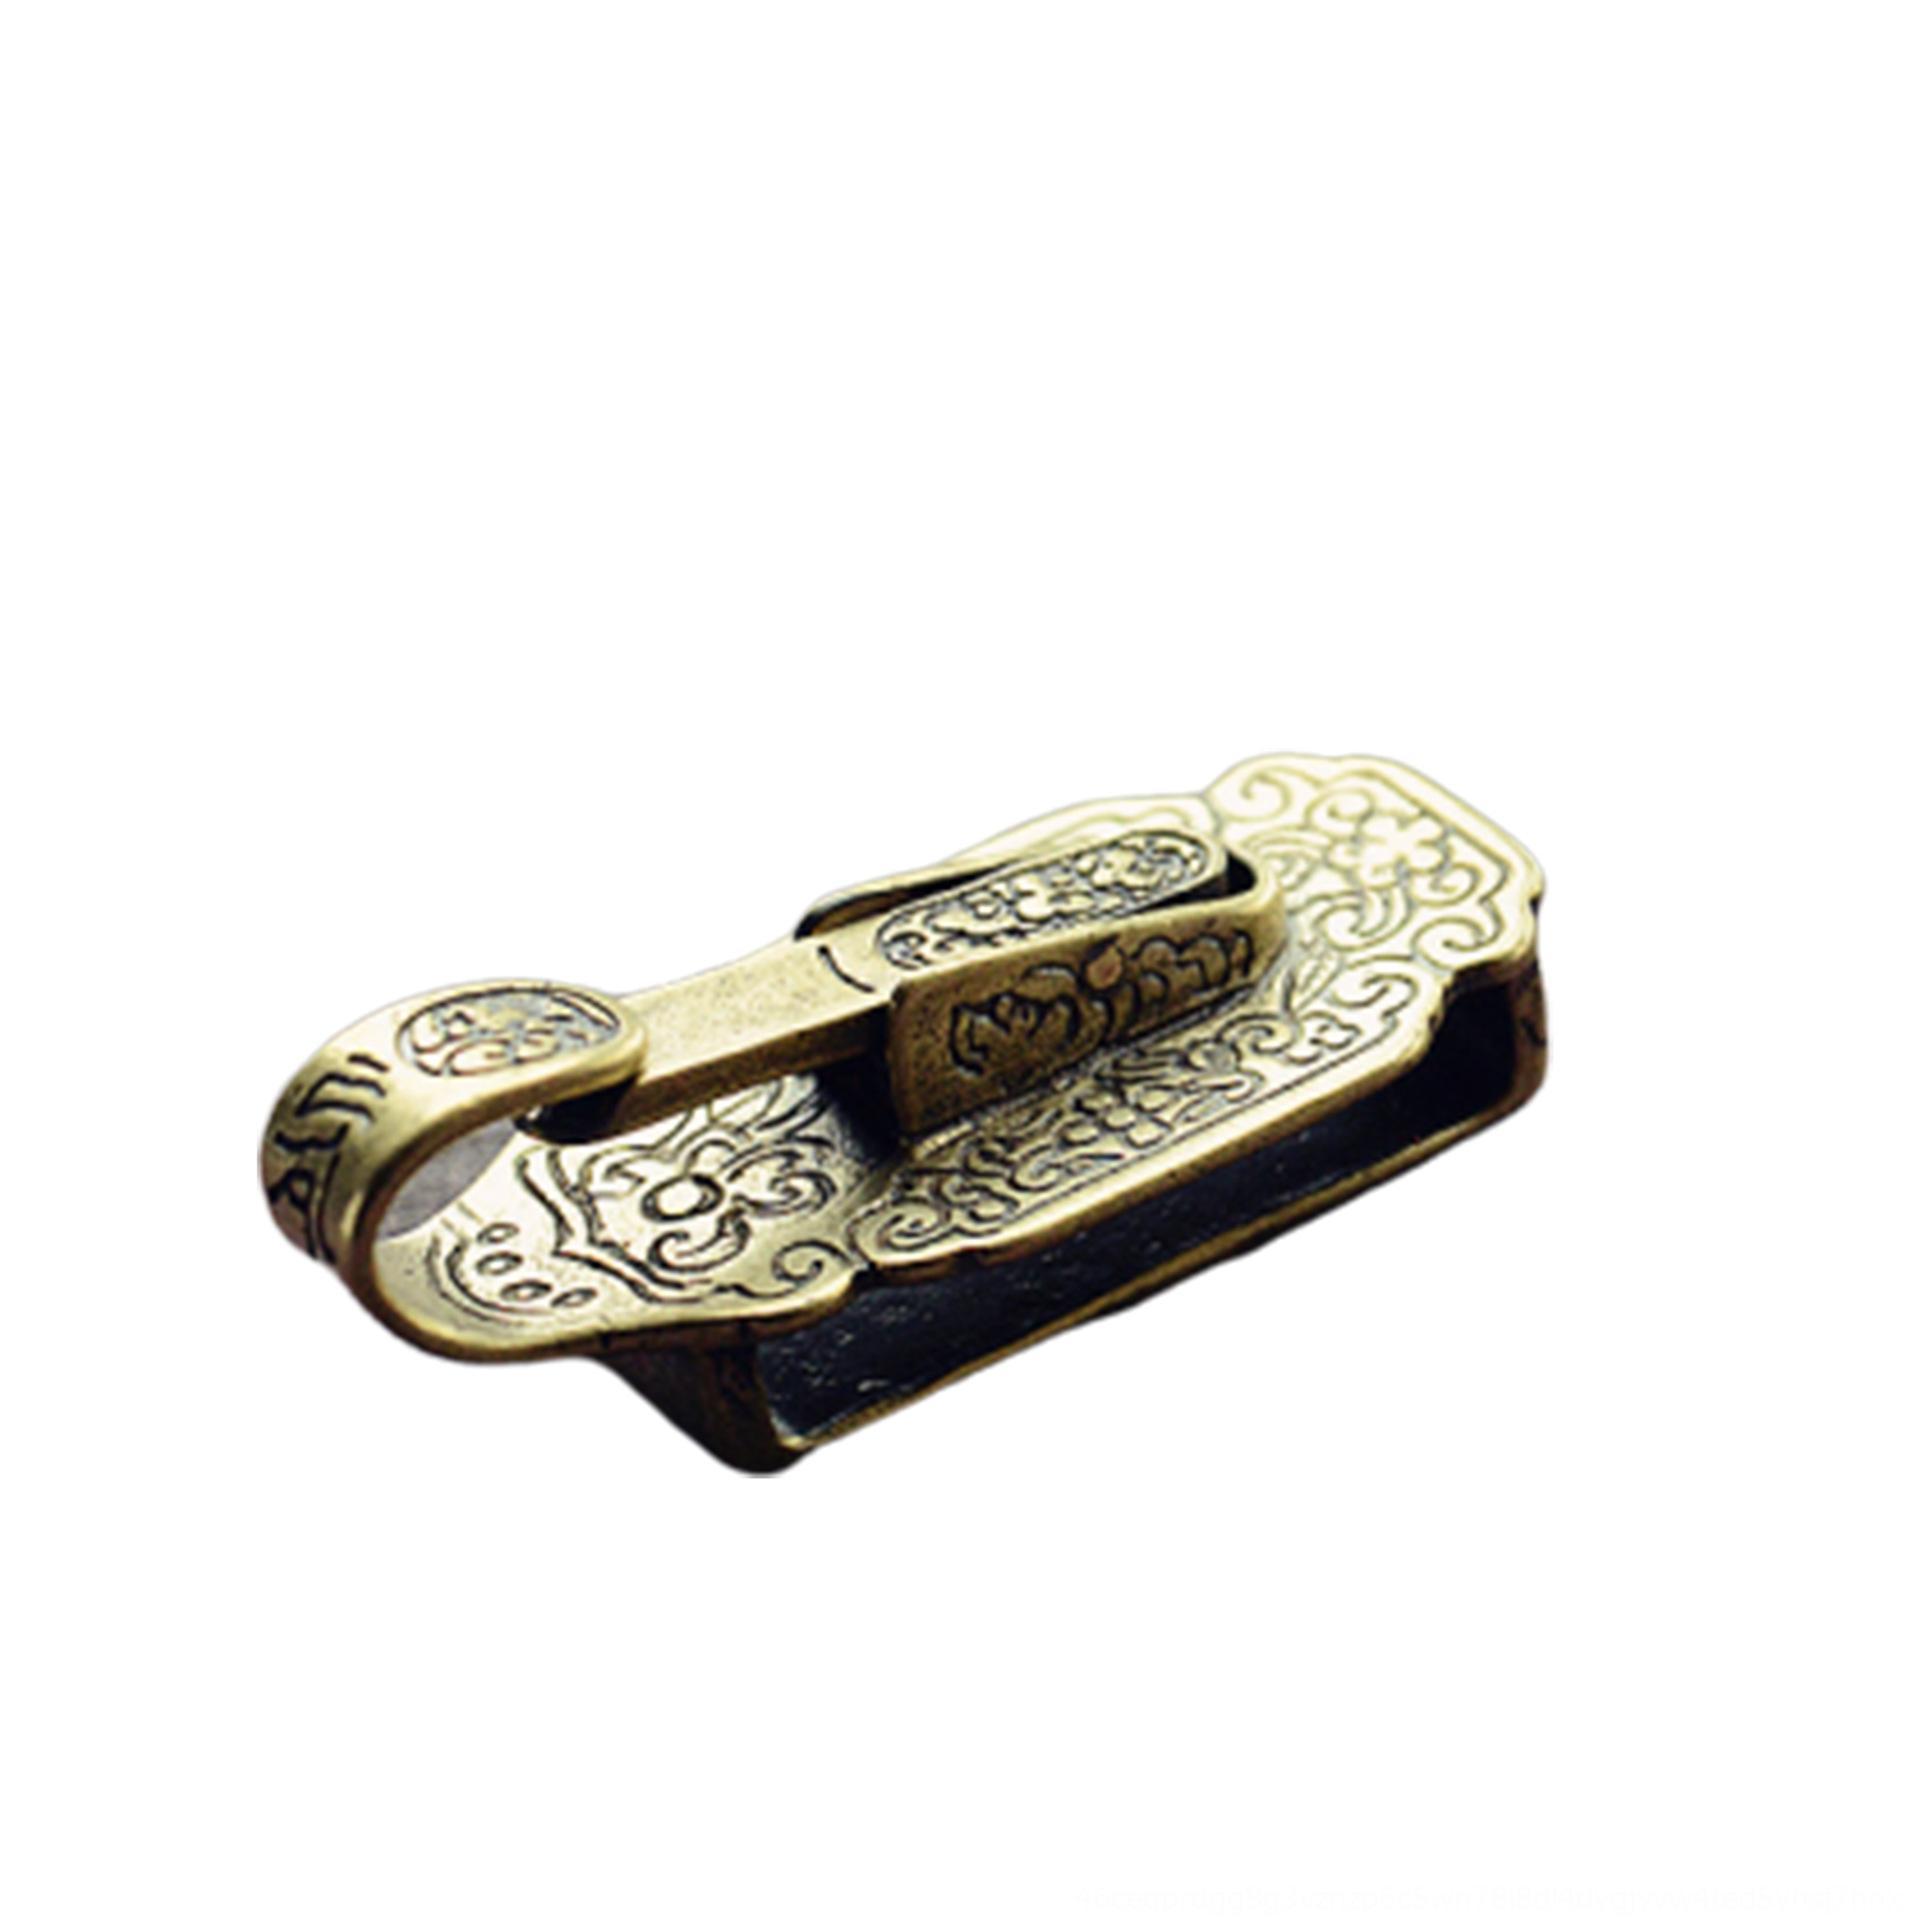 Pure copper Manqing doordangshao knife hanging waist plate jade pendant brass belt key pendant